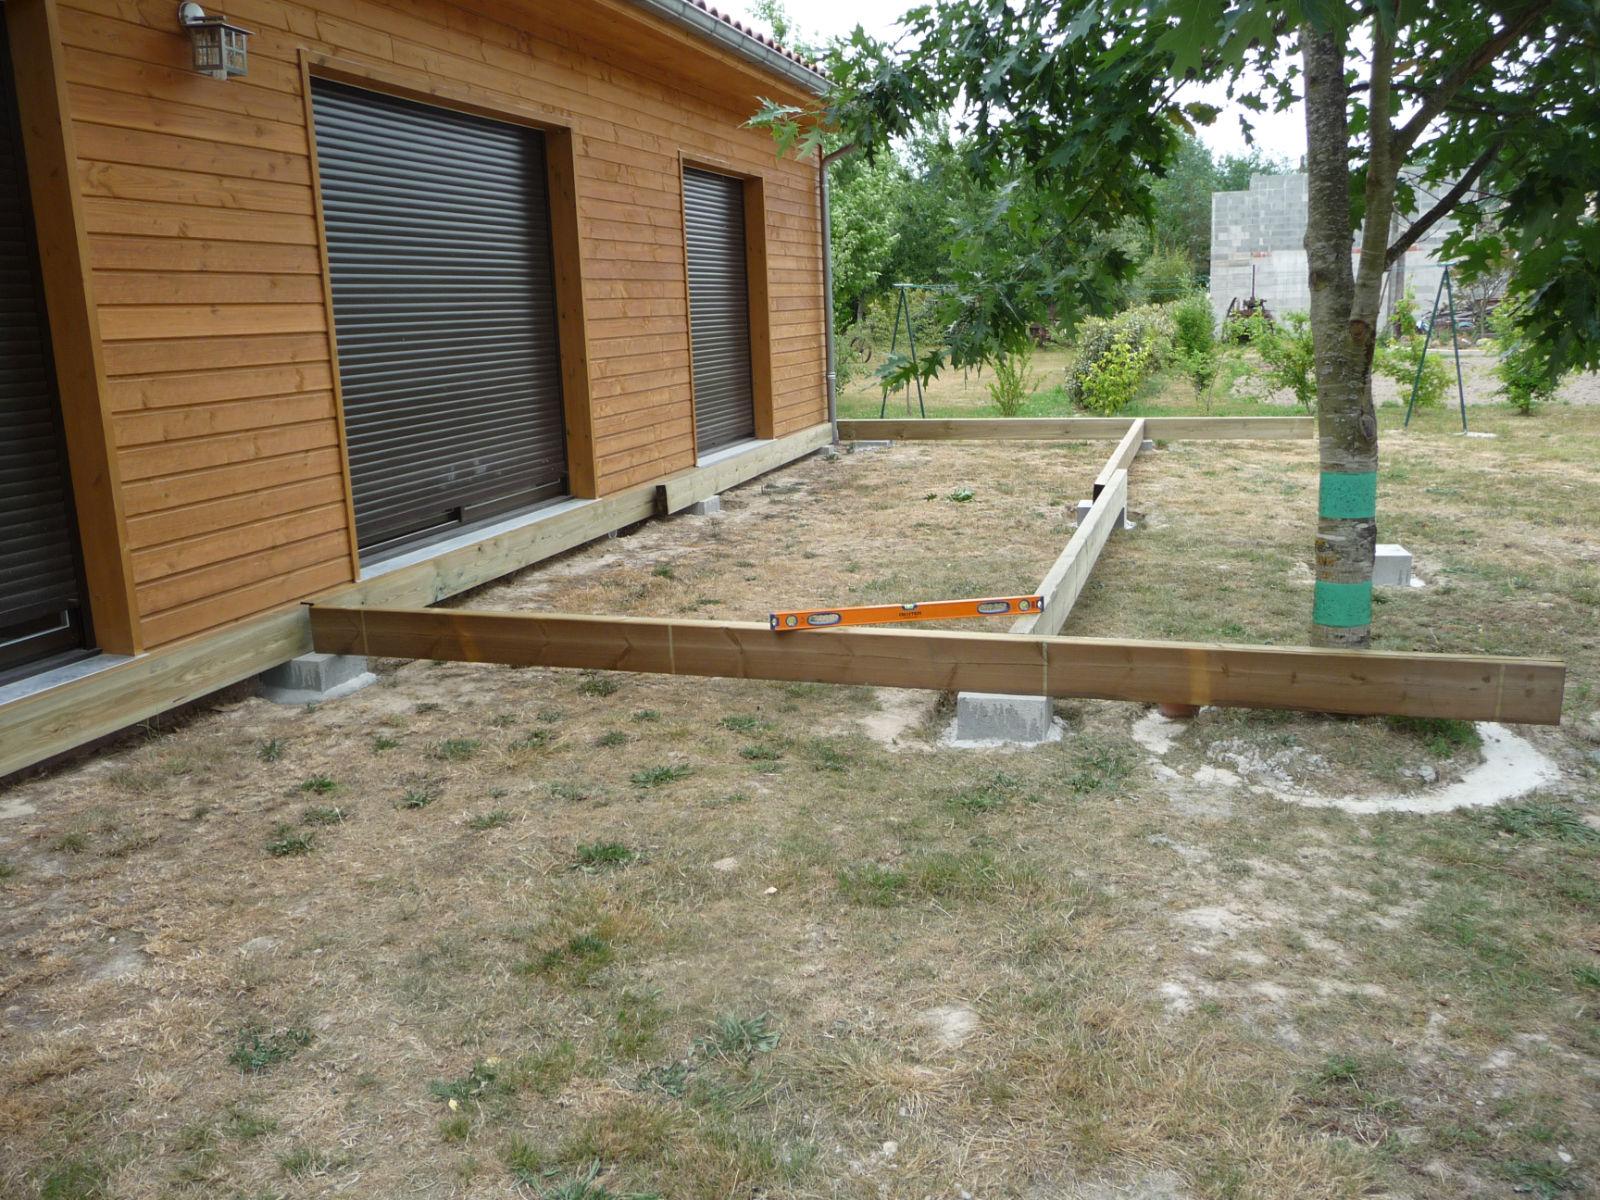 Comment faire une terrasse en bois sur plot en beton - Comment realiser une terrasse en bois ...